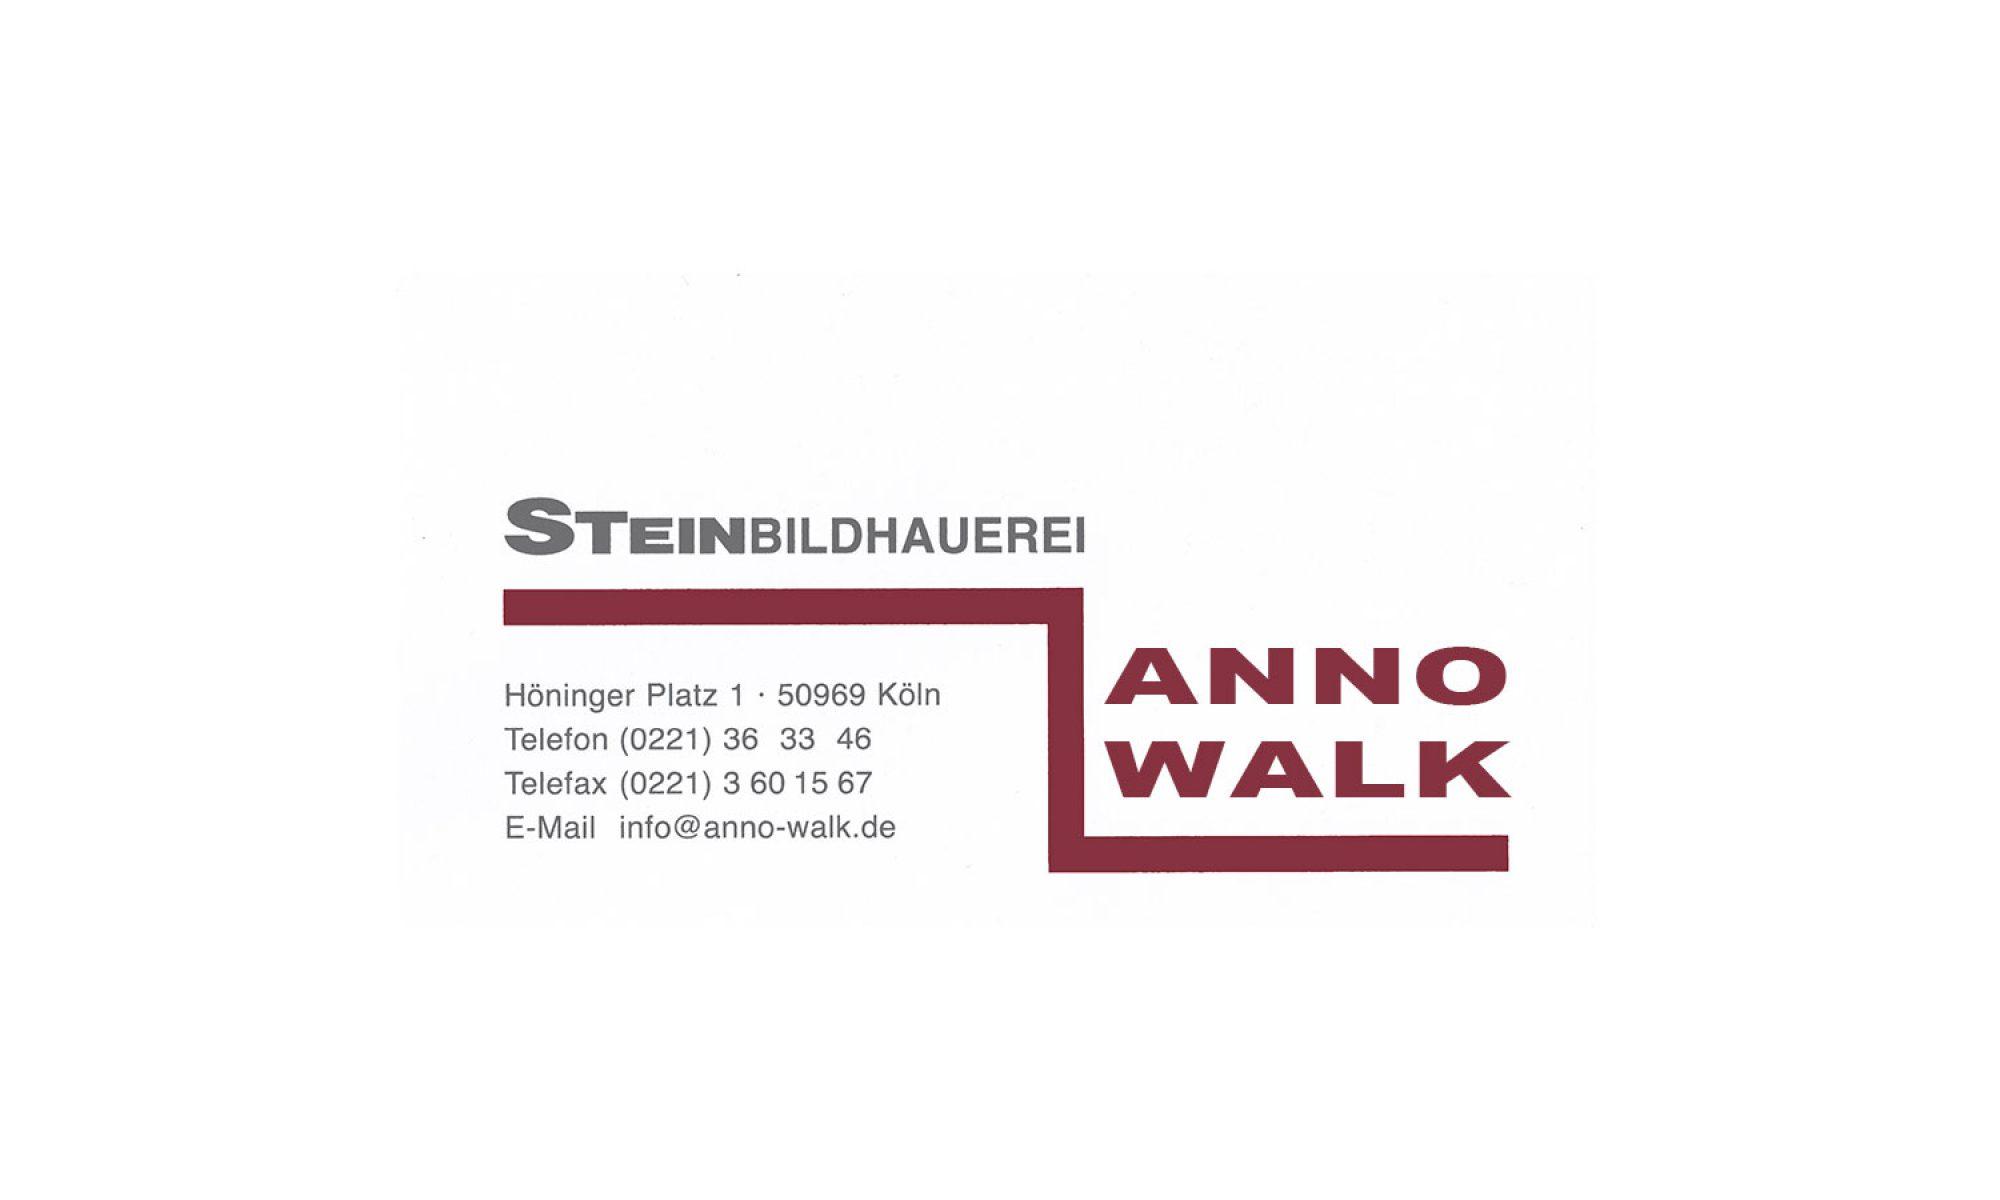 Anno Walk - Steinbildhauerei